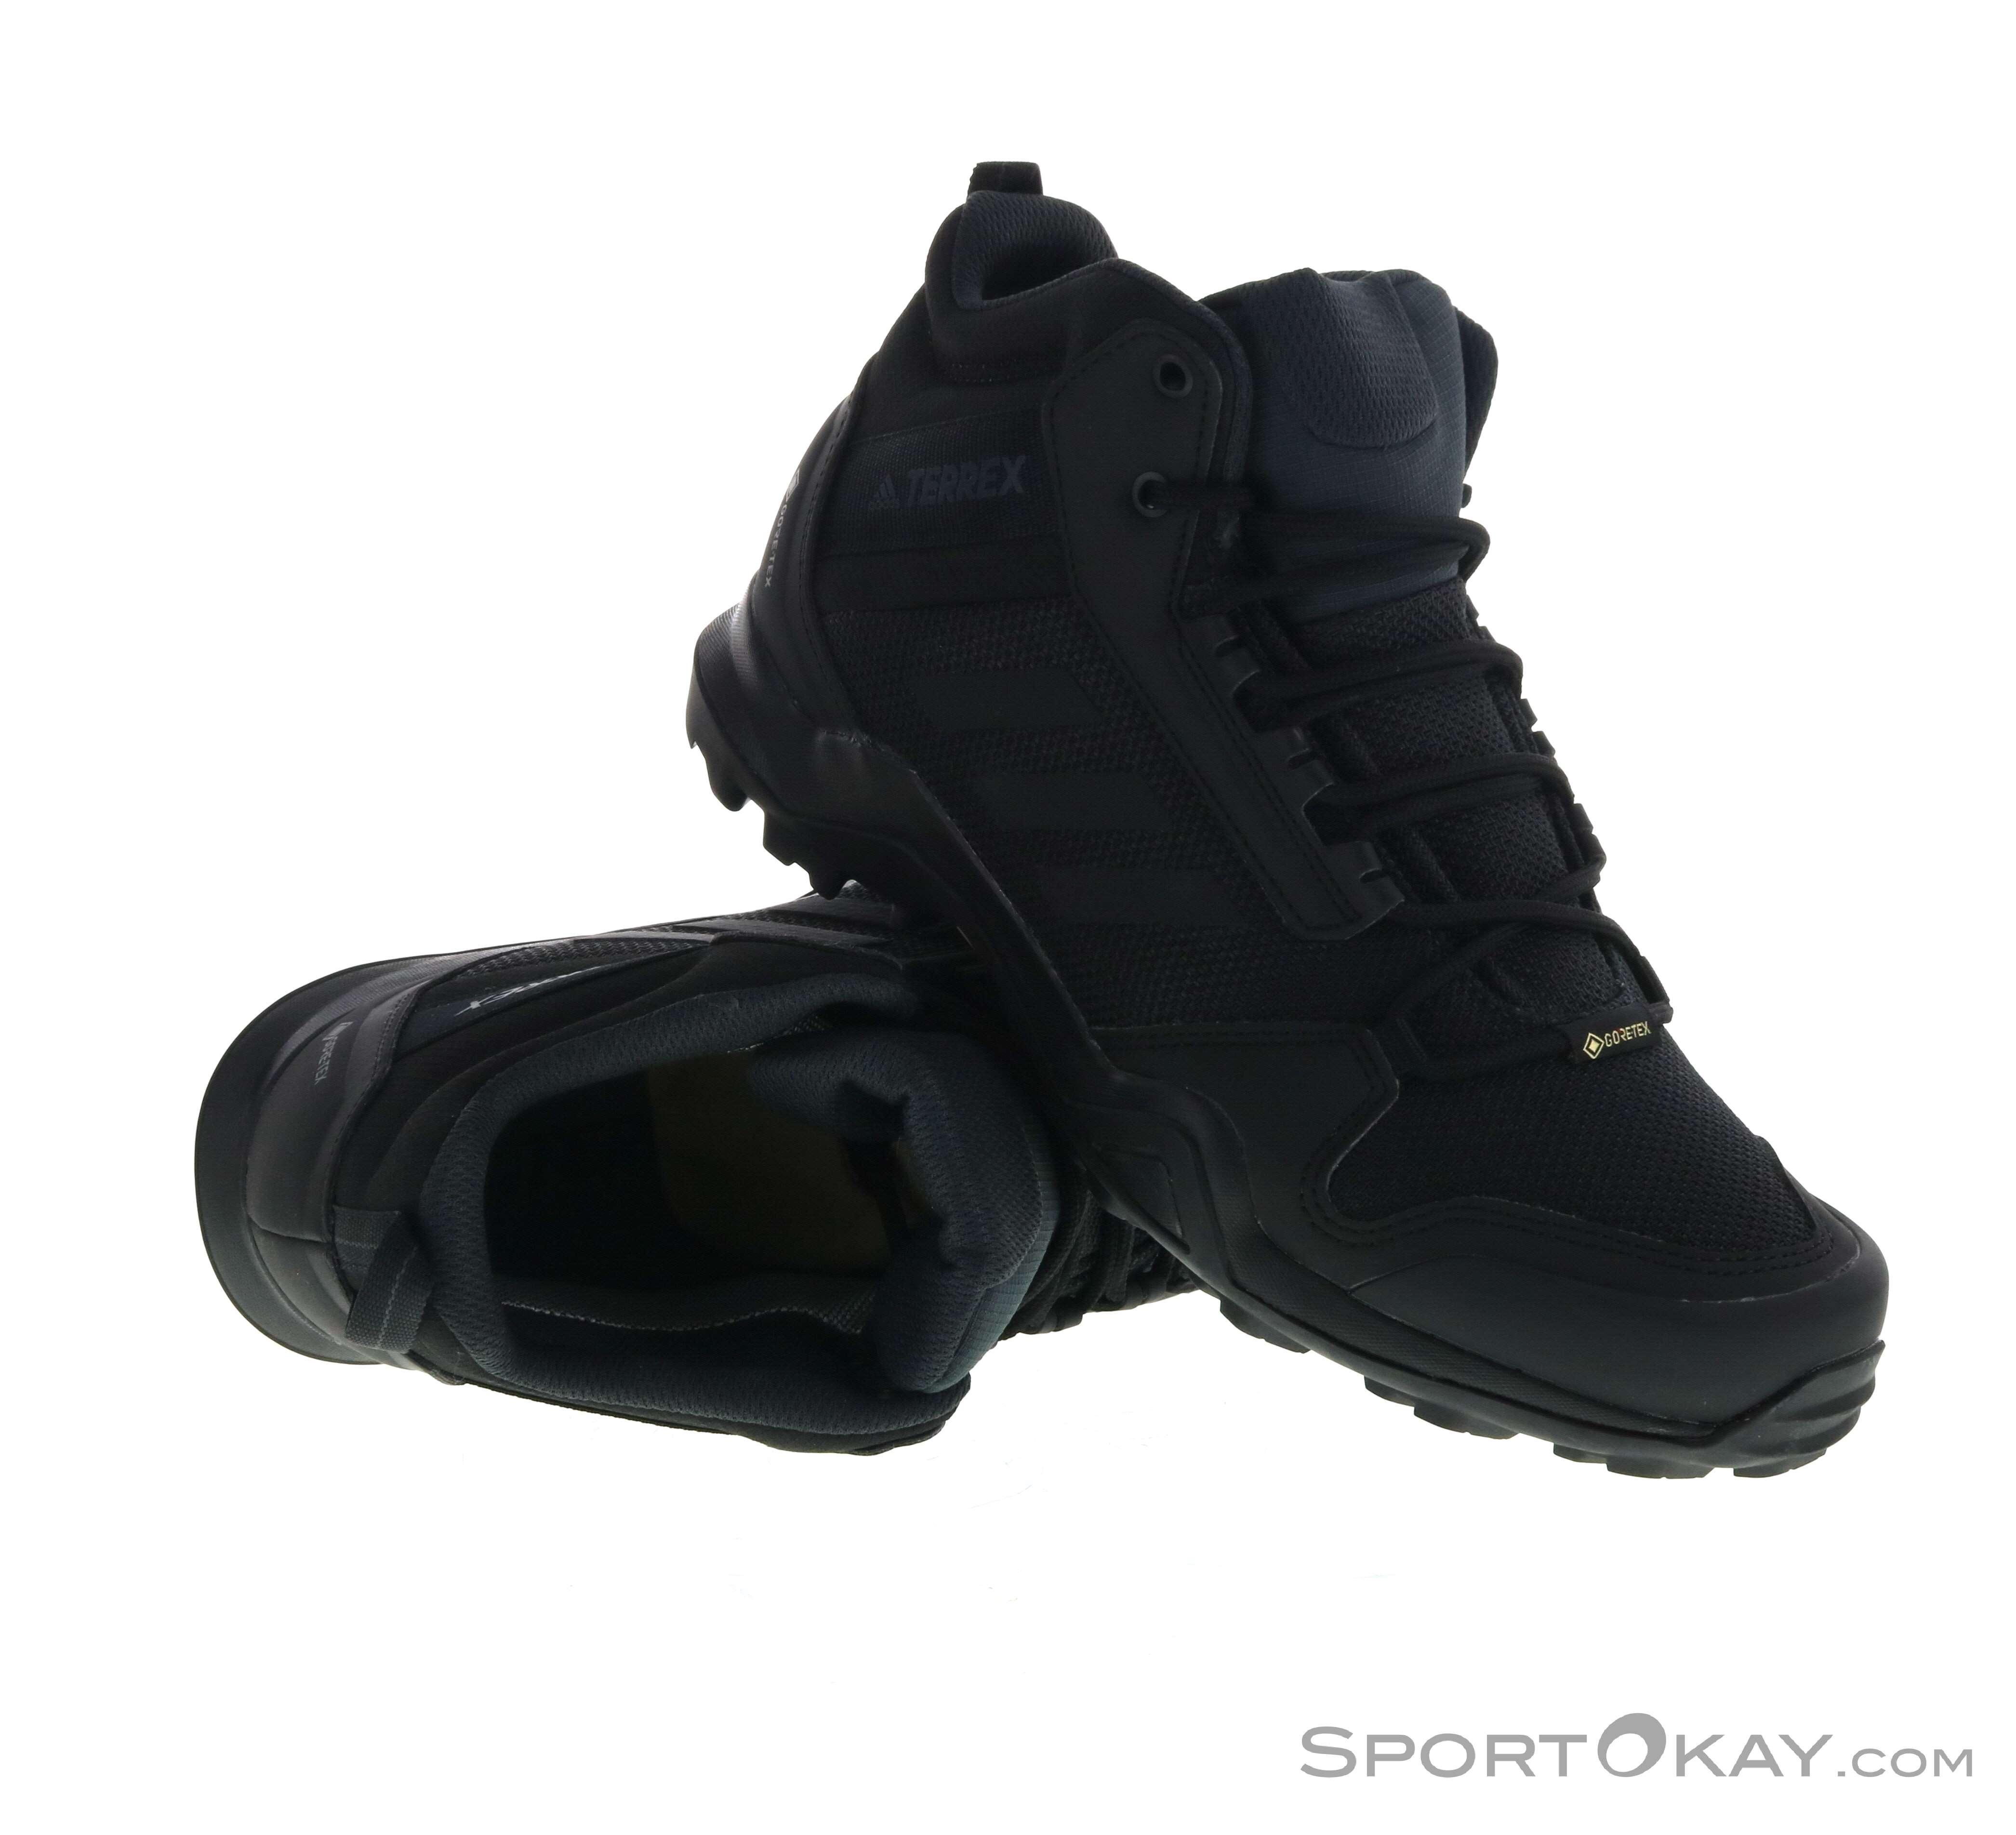 capitalismo vistazo recuperar  adidas Terrex AX3 Mid GTX Mens Hiking Boots Gore-Tex - Hiking Boots - Shoes  & Poles - Outdoor - All